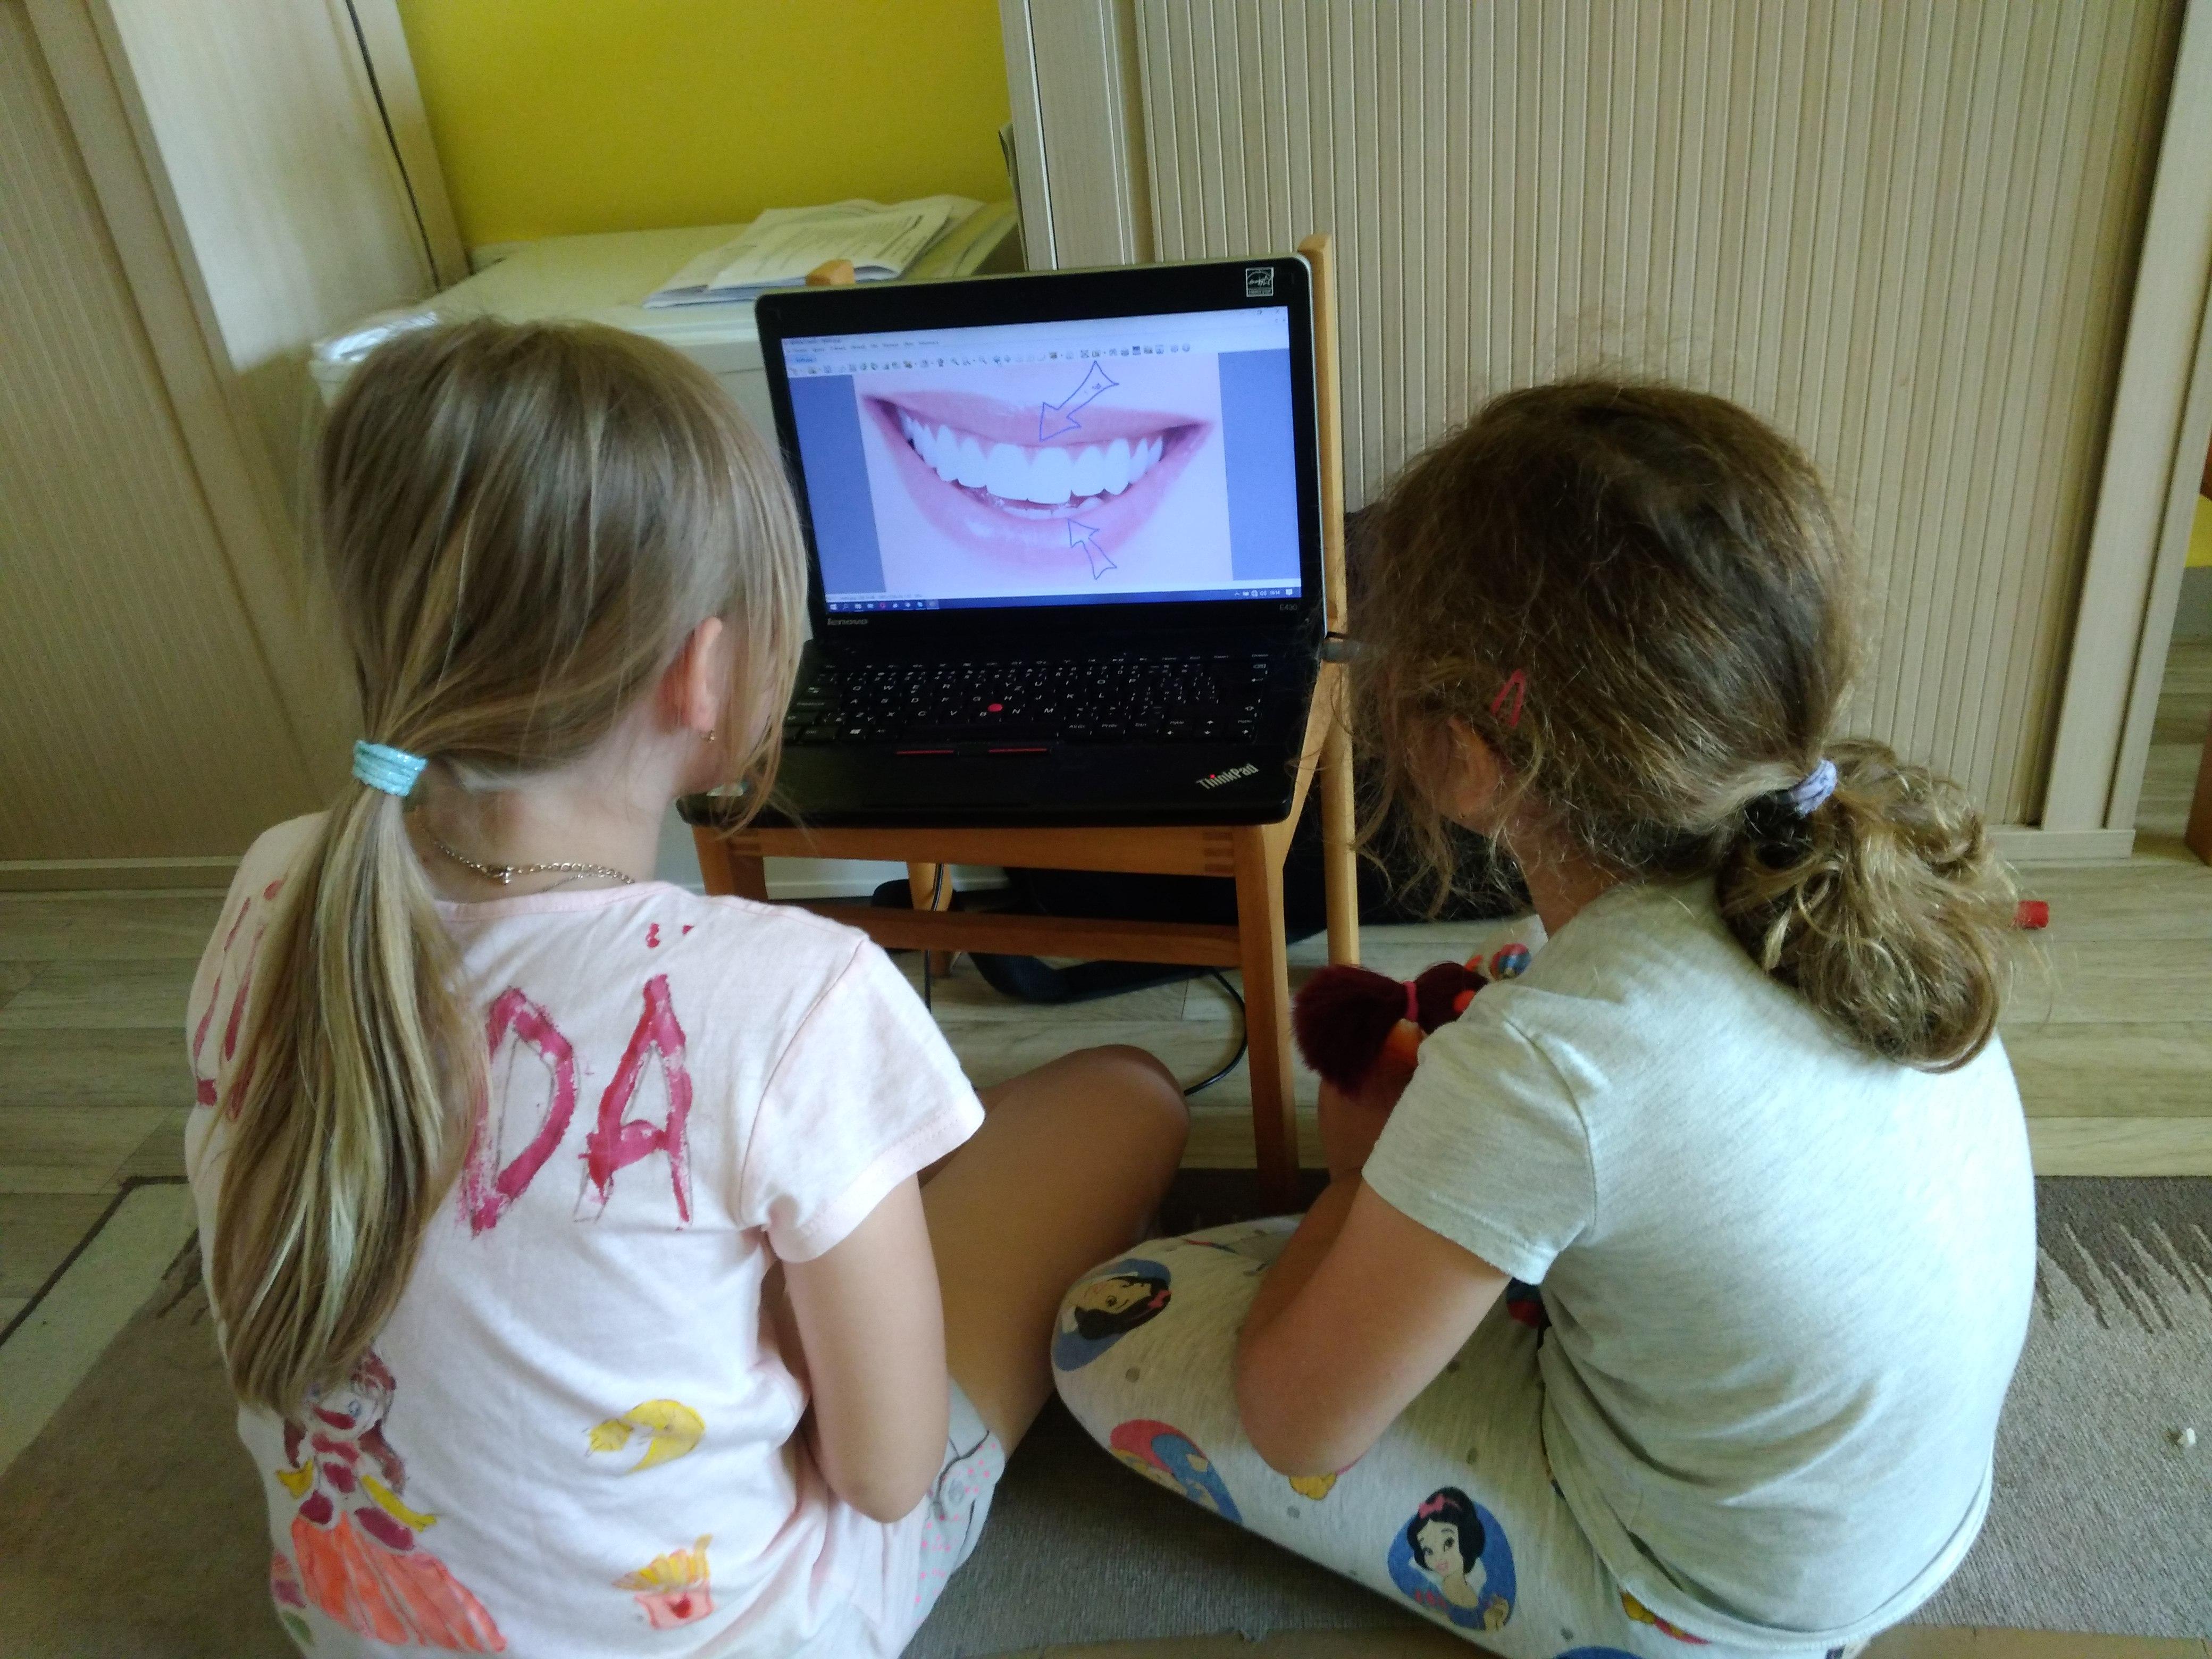 Jazykohrátky- anglická konverzace pro děti pokračuje ONLINE